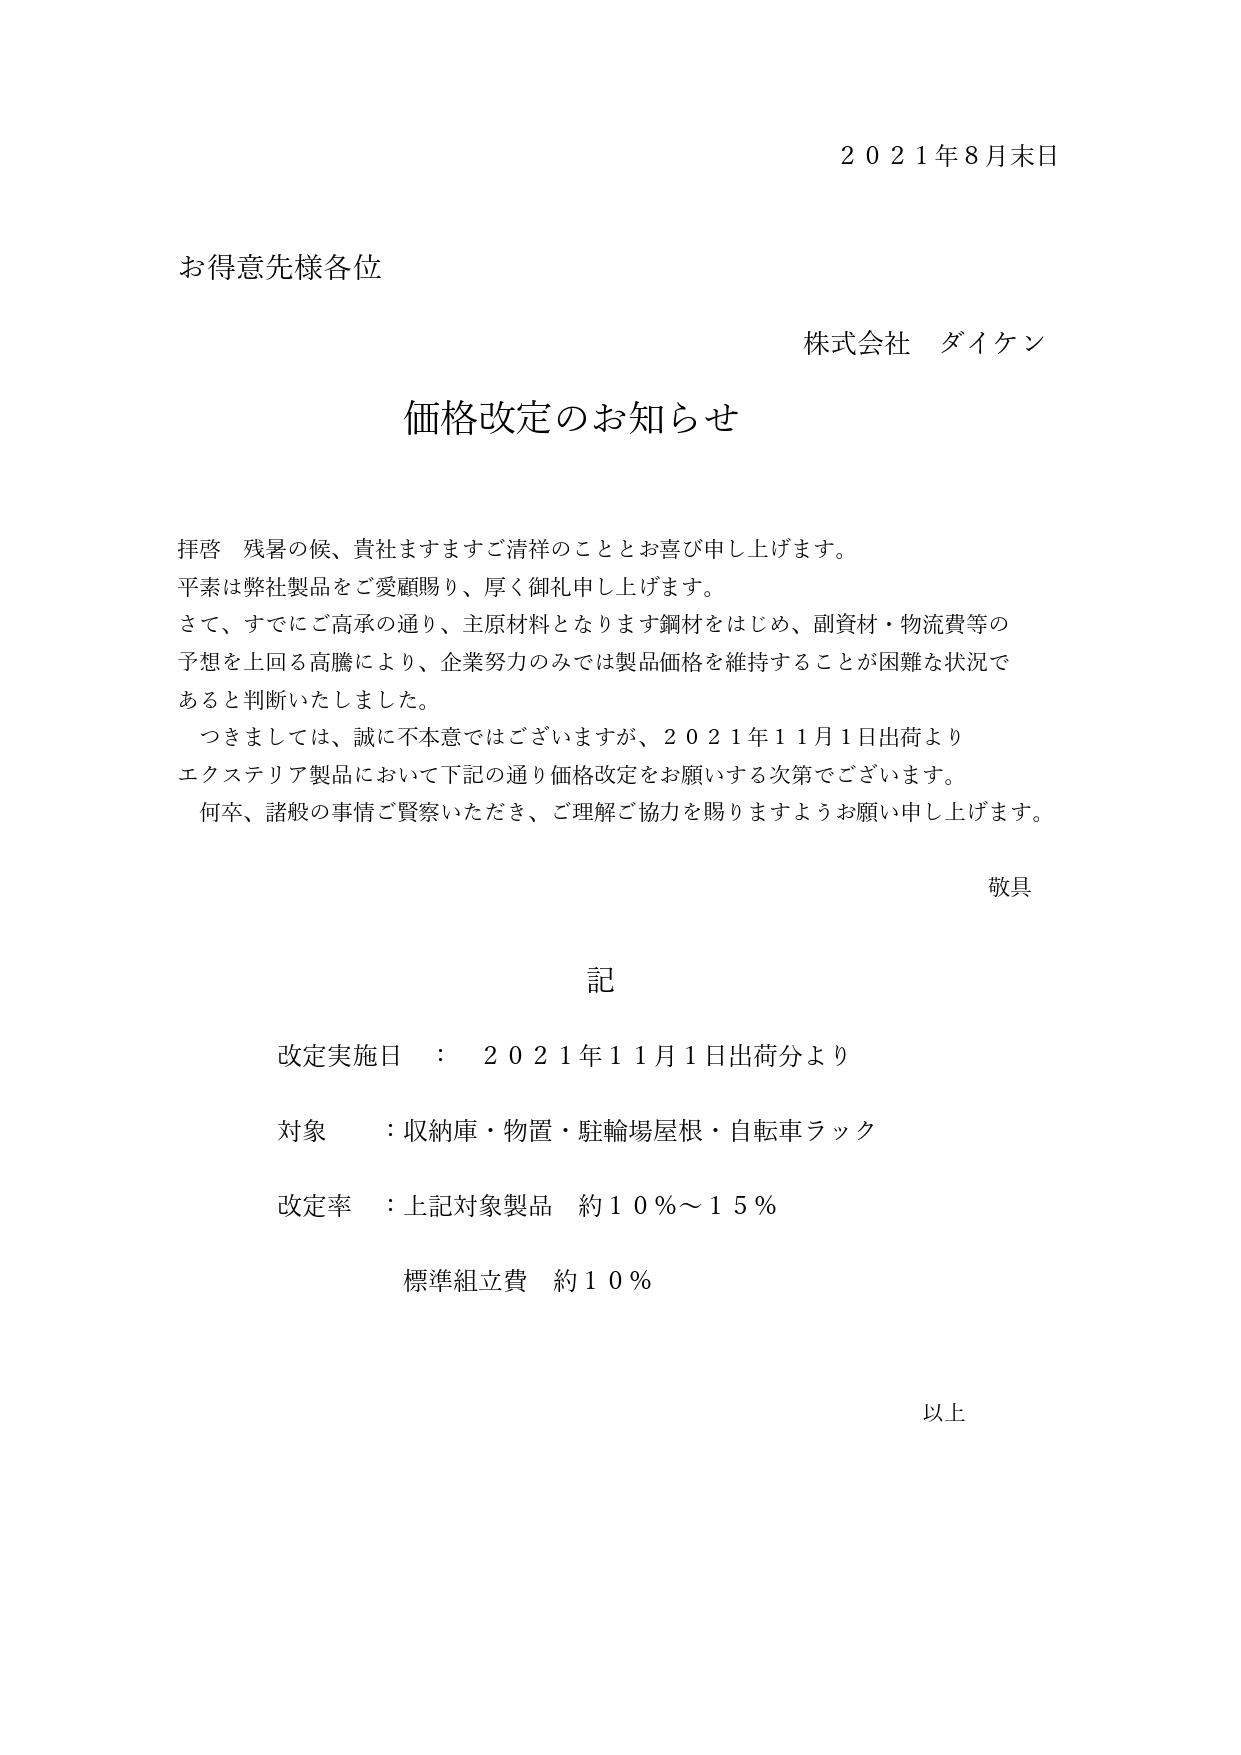 ダイケン_EX価格改定のお知らせ